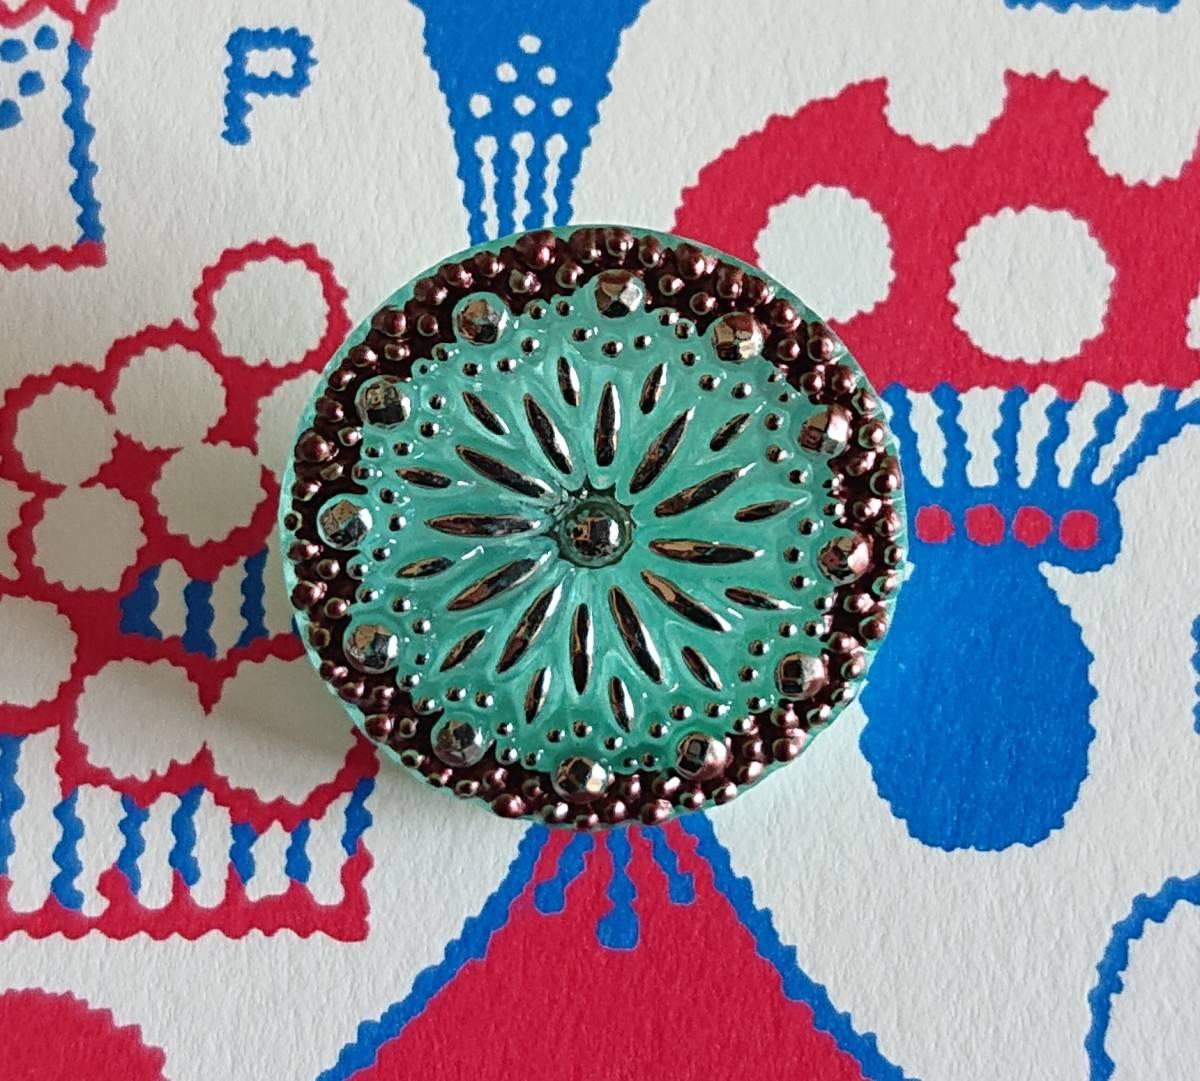 チェコ ガラスボタン27mm クリアターコイズブルー×シルバー/太陽と星の様なボタン コレクション・ハンドメイドに_画像4